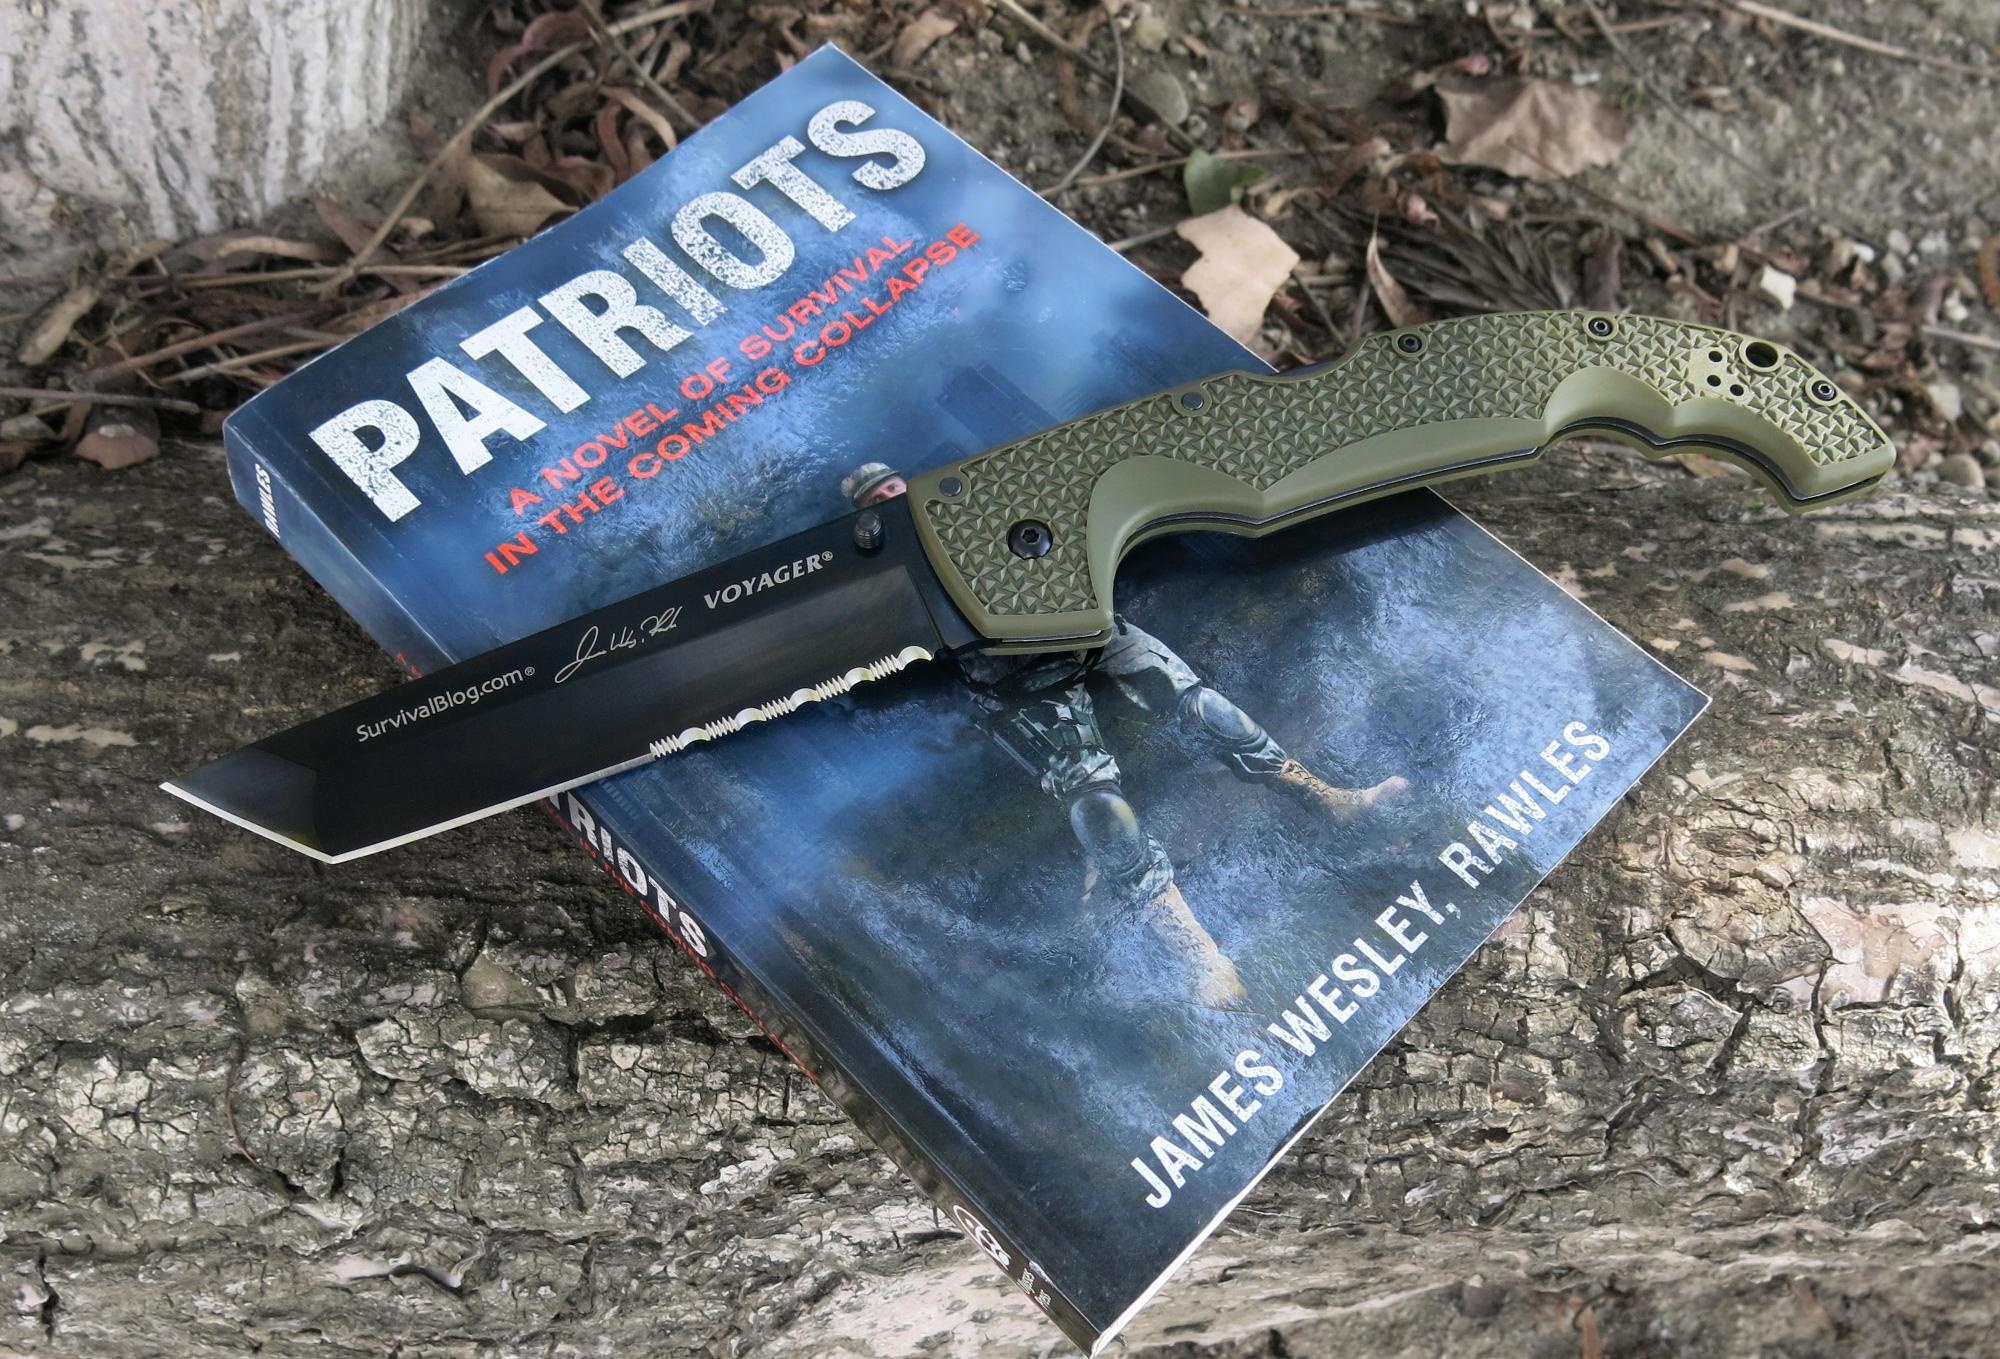 The Survivalist's Odds 'n Sods: